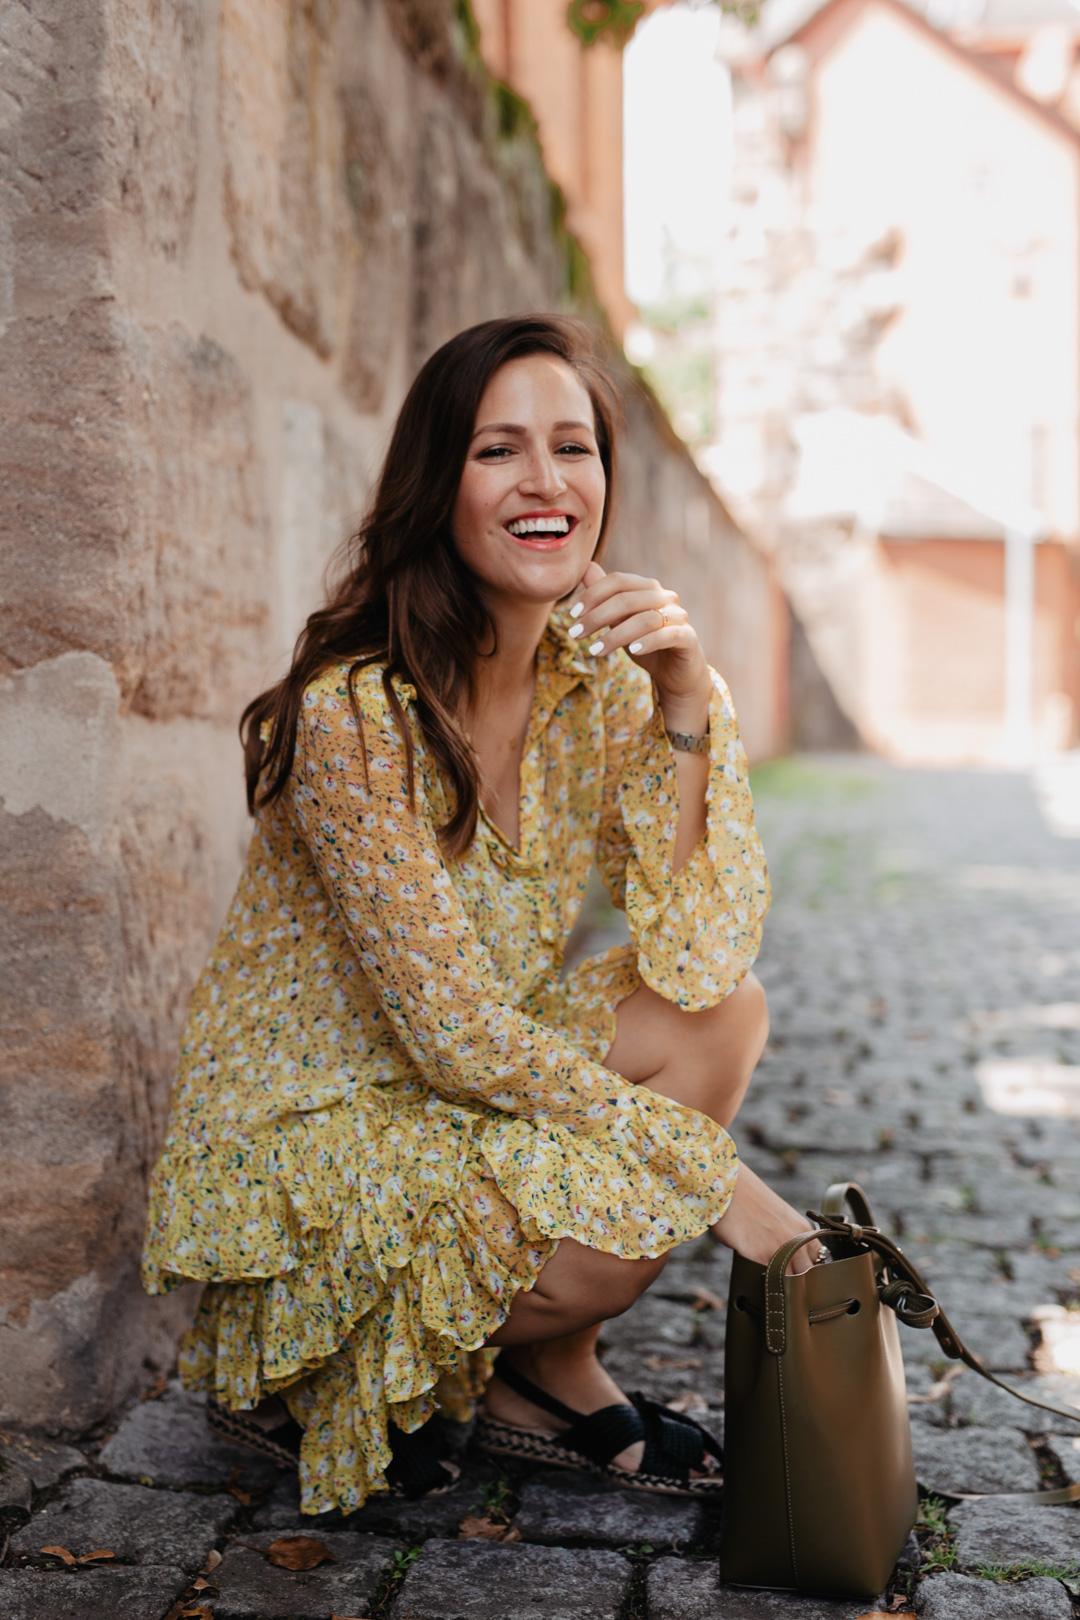 5 Gründe, warum ich mich auf den Herbst freue - www.piecesofmariposa.com | Fashion und Lifestyle Blog aus Nürnberg